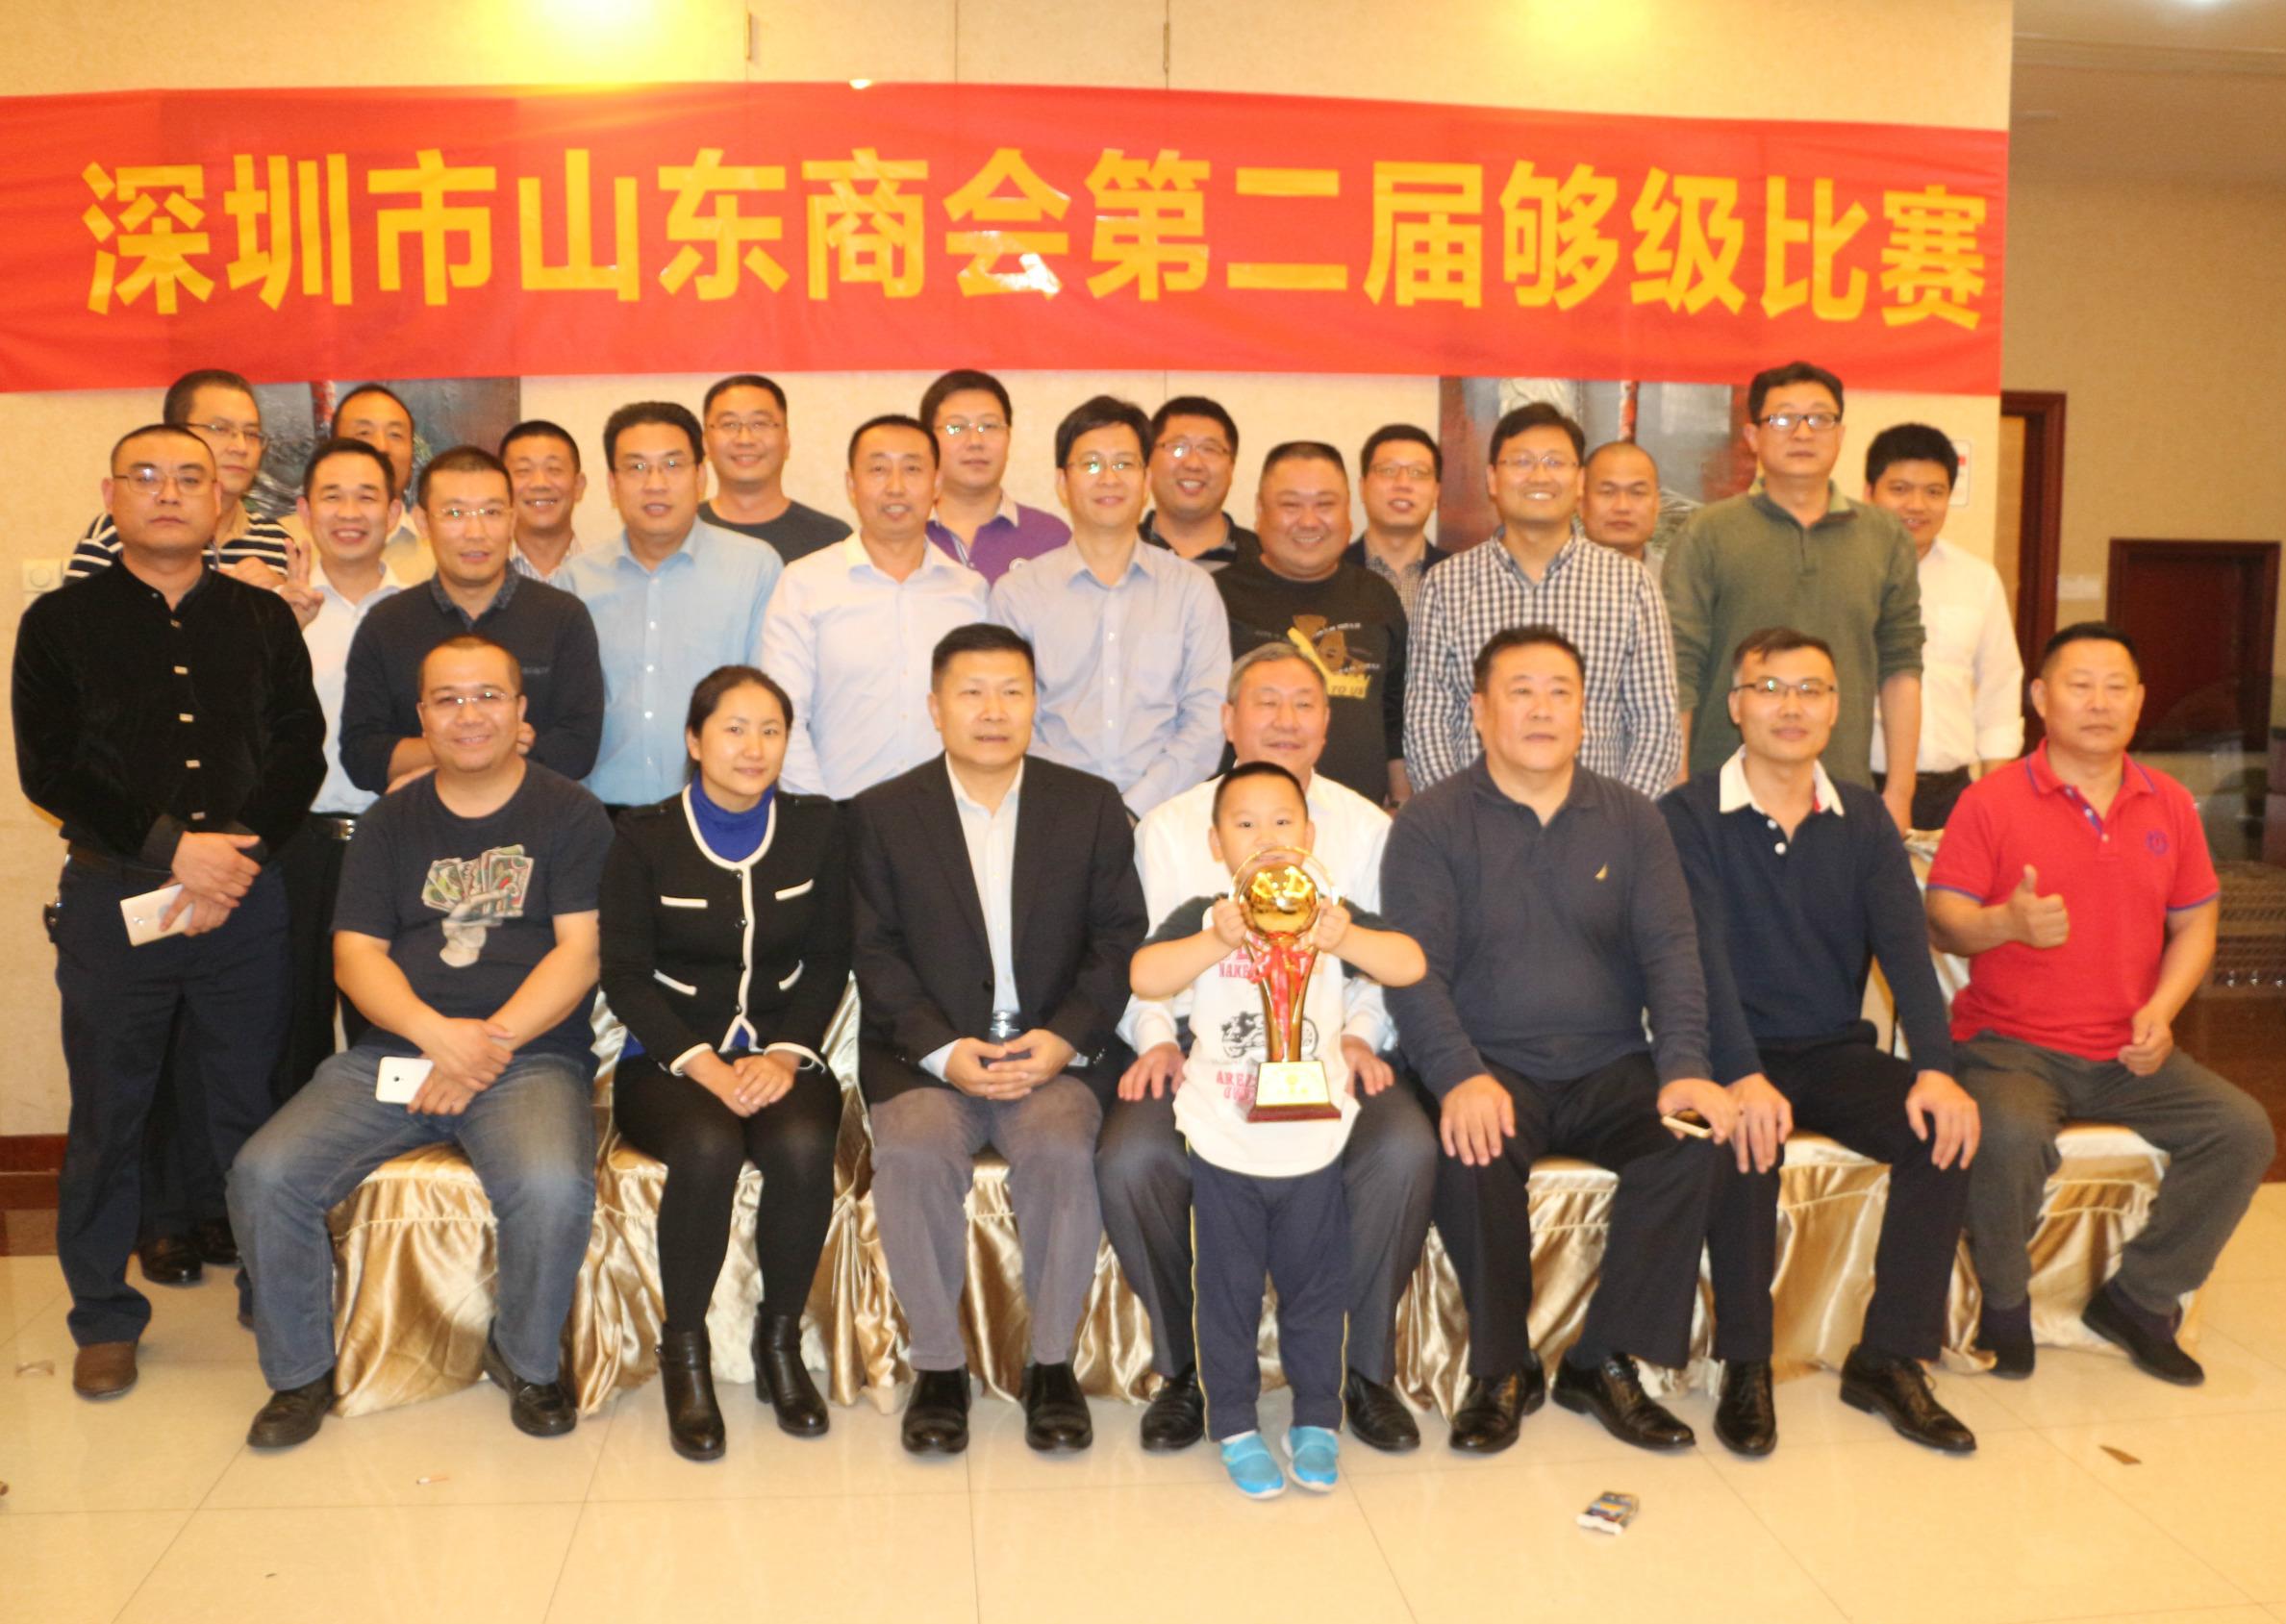 中国游戏中心官方下载 中国游戏中心大厅下载 v20中国游戏中心在线游戏161129官方最新版 - .